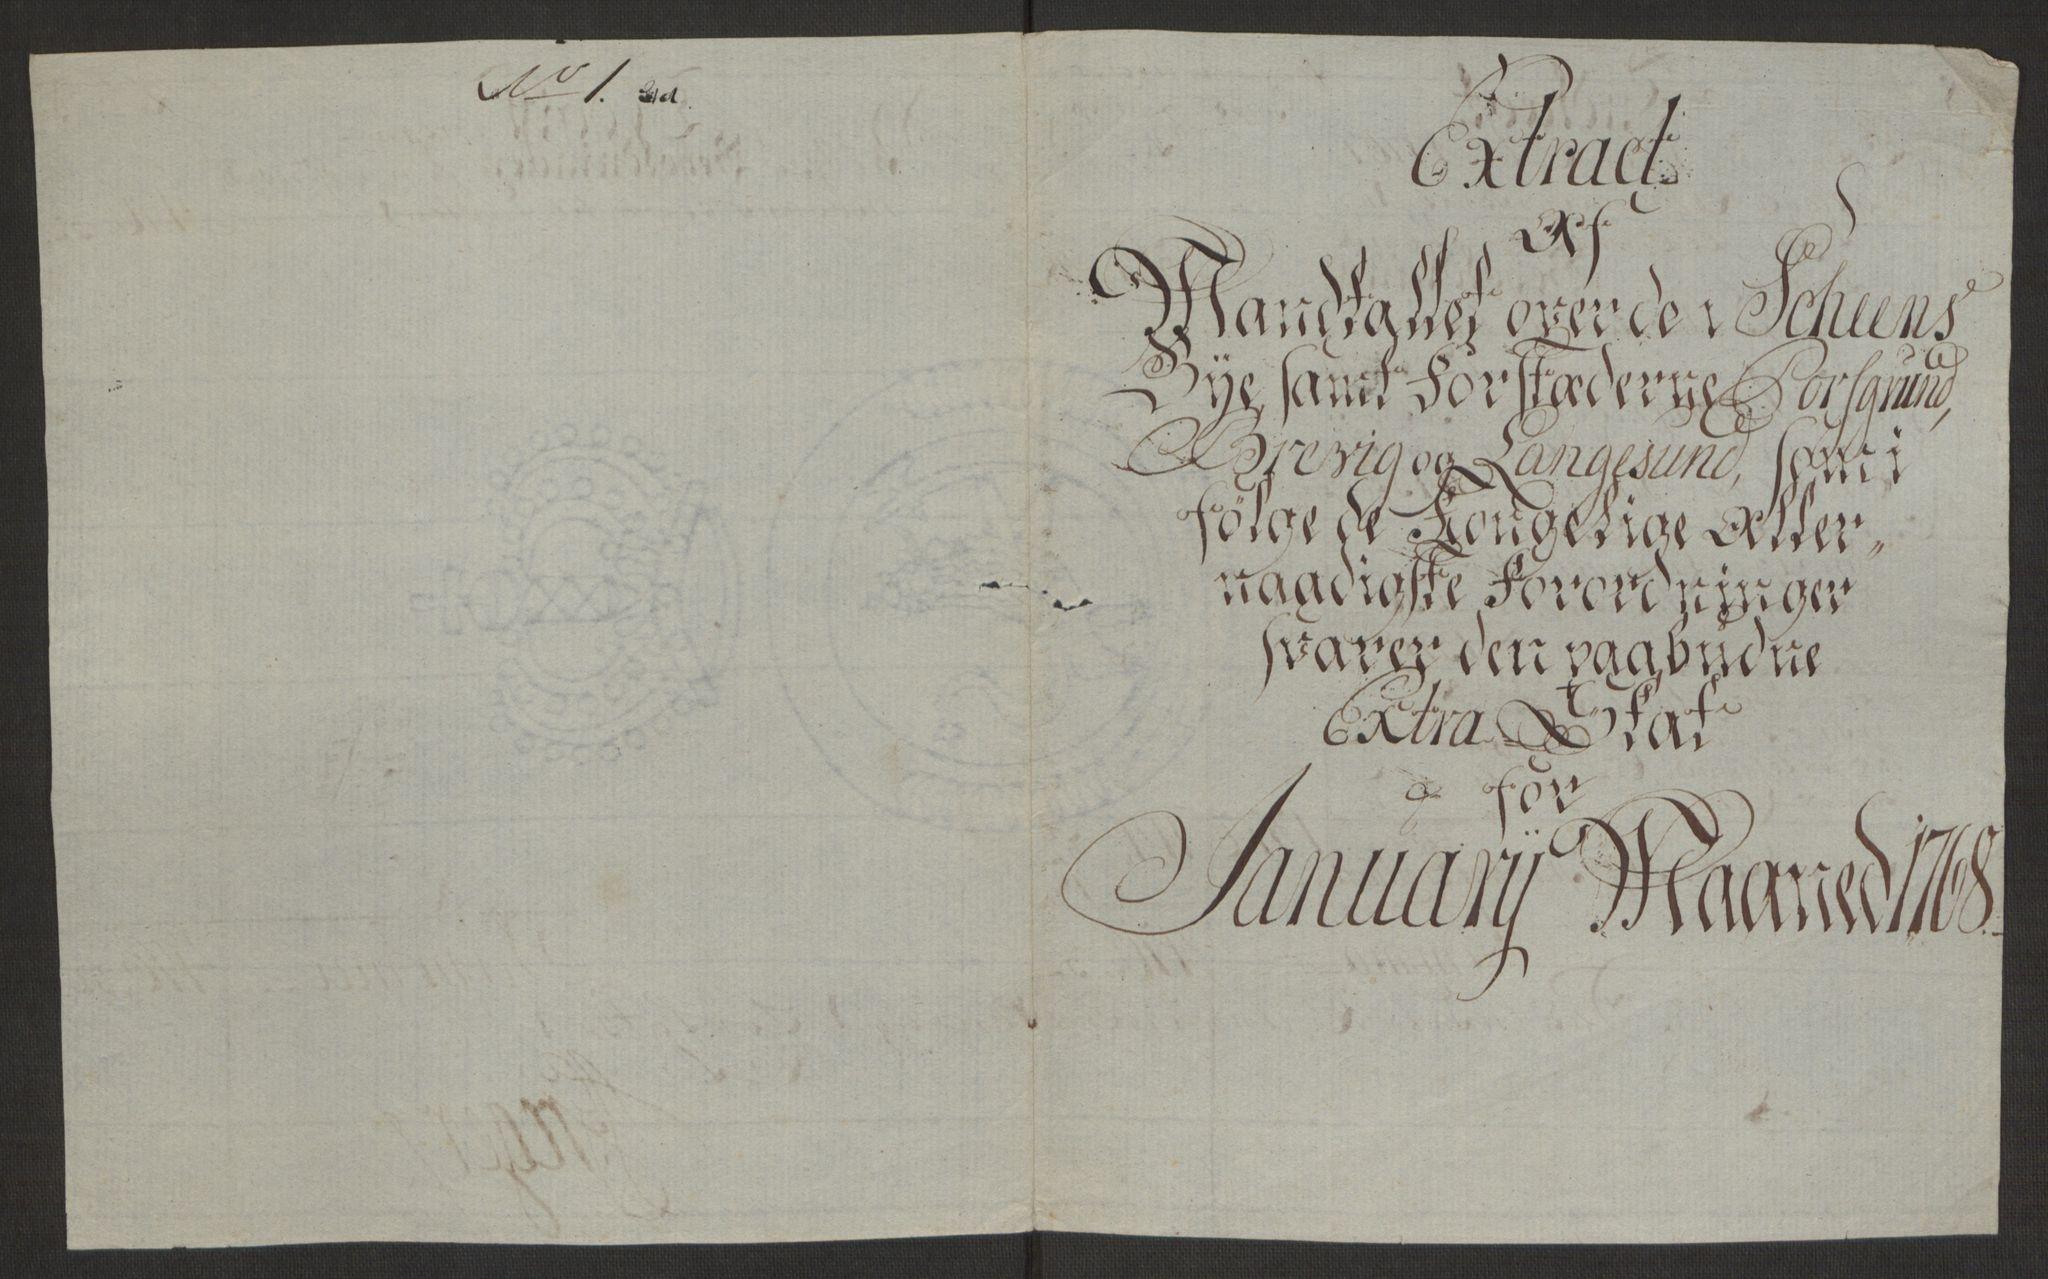 RA, Rentekammeret inntil 1814, Reviderte regnskaper, Byregnskaper, R/Rj/L0198: [J4] Kontribusjonsregnskap, 1762-1768, s. 478